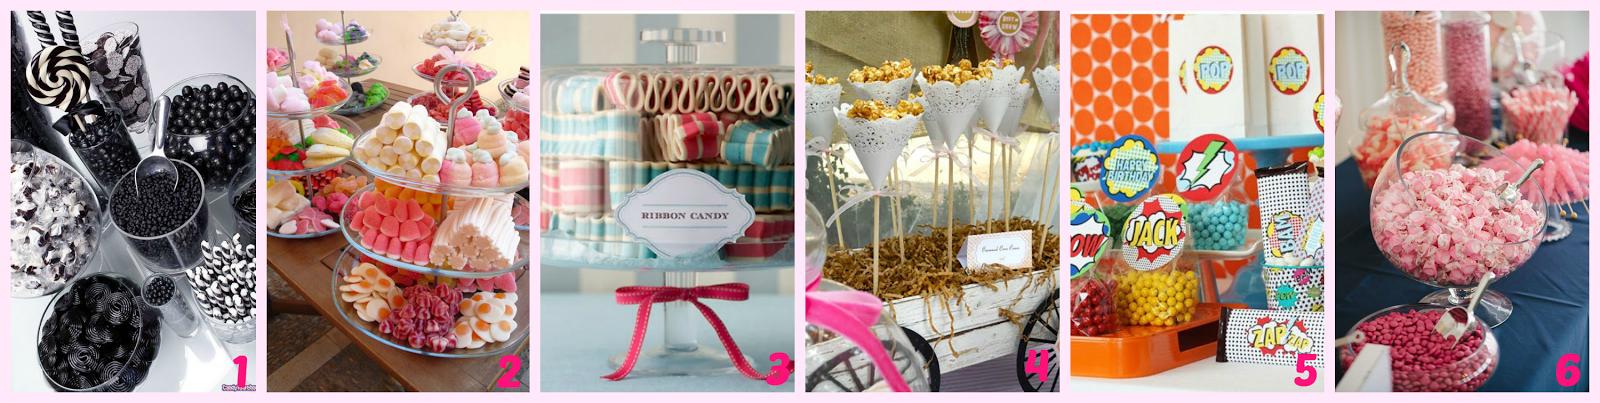 Mesa Dulce Candy Bar detalles exposición